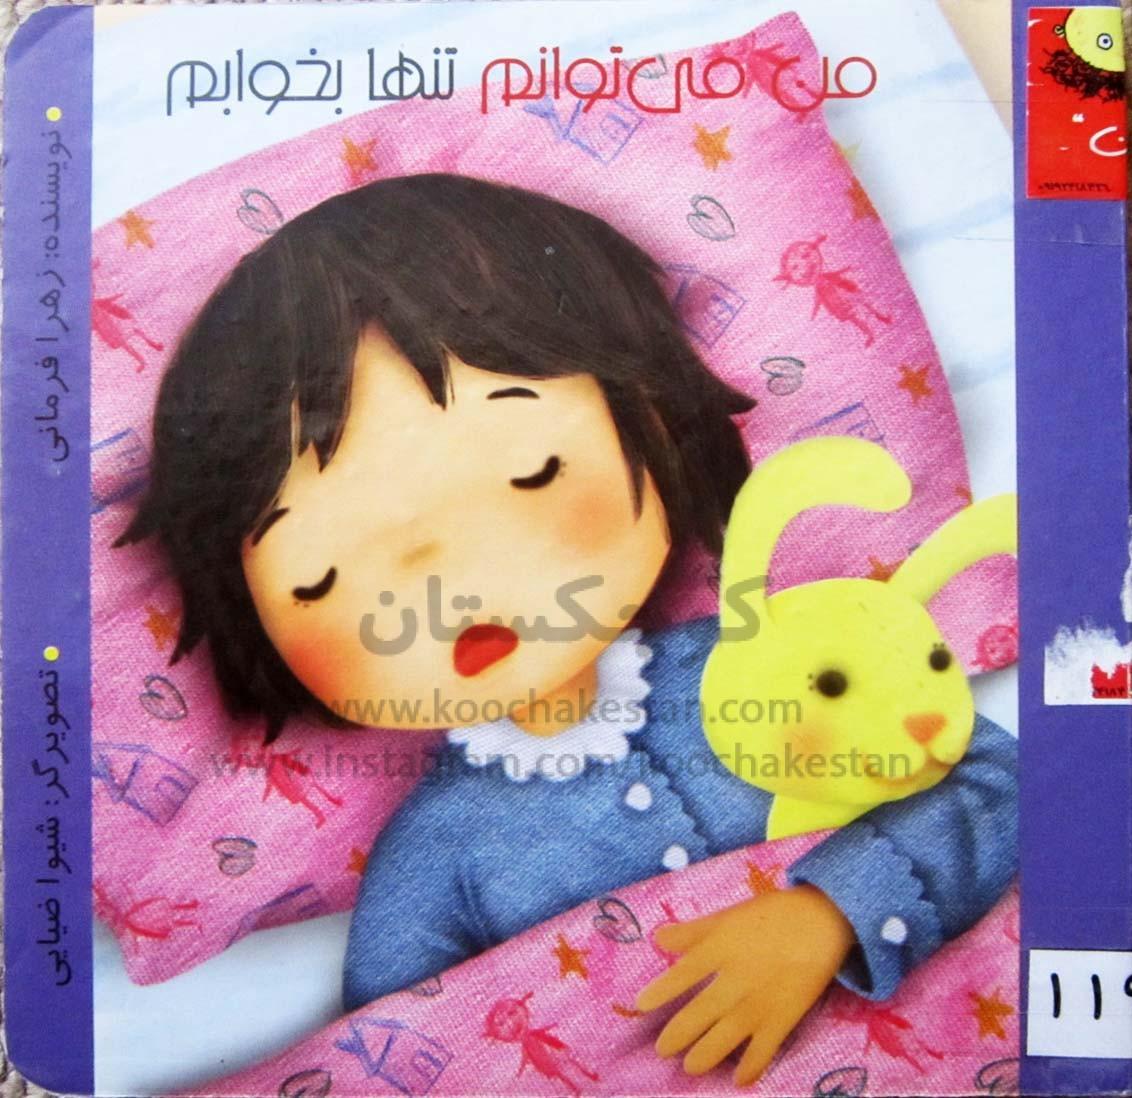 من می توانم تنها بخوابم - کتابخانه کودک - کوچکستان